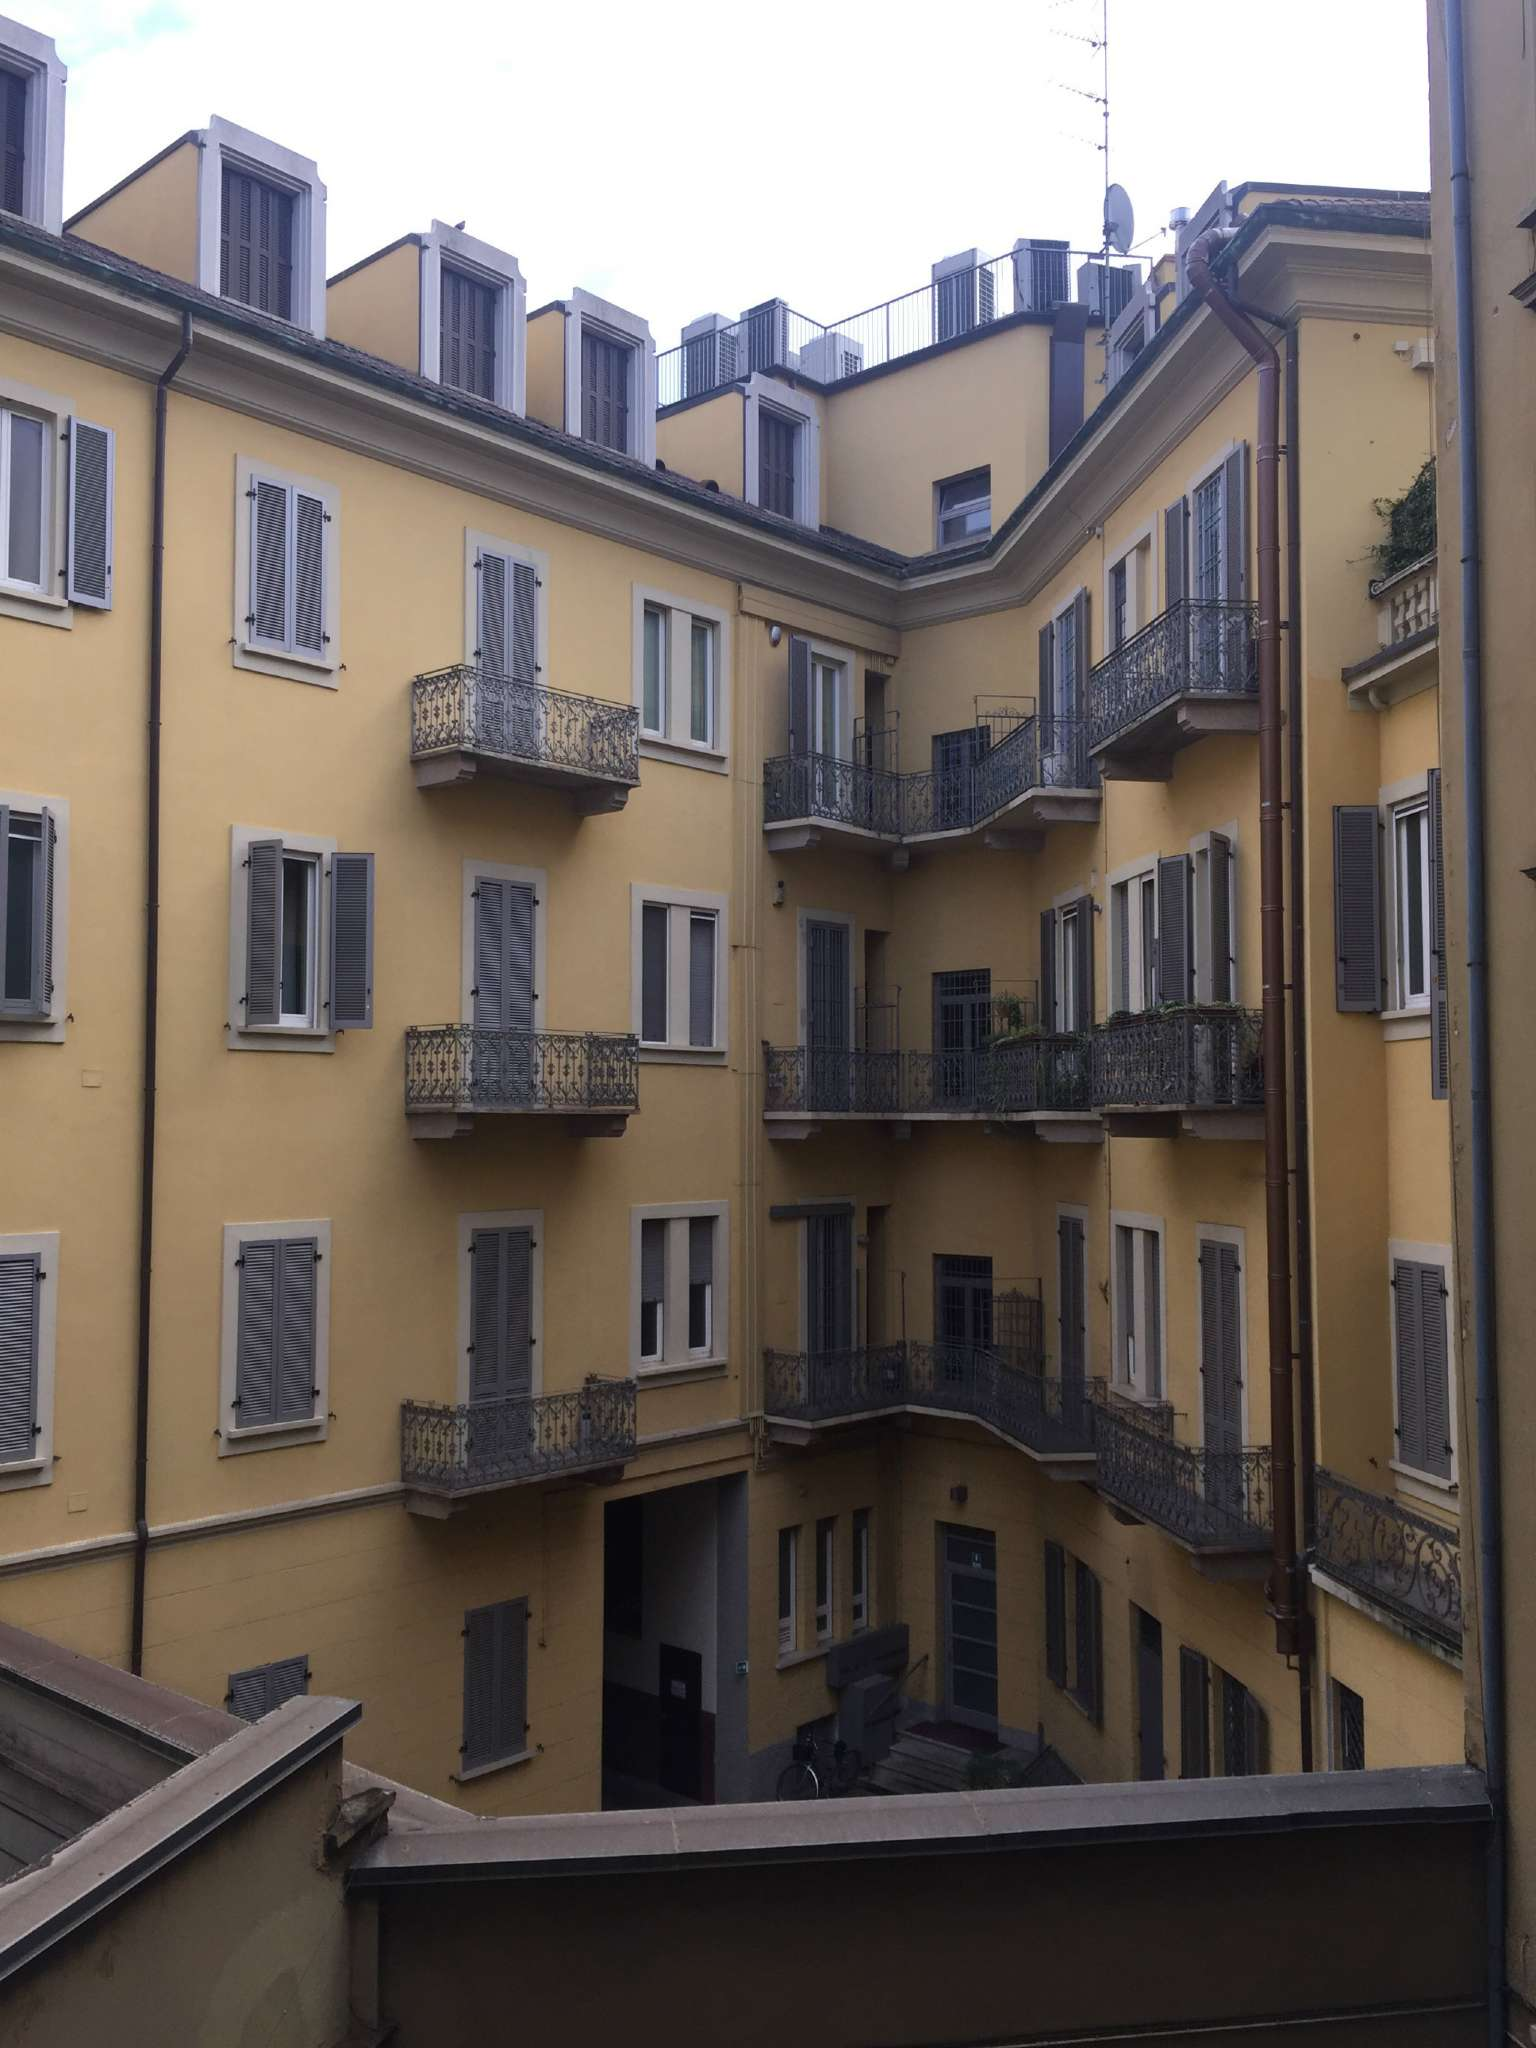 Appartamento in affitto a Milano, 2 locali, zona Zona: 1 . Centro Storico, Duomo, Brera, Cadorna, Cattolica, prezzo € 1.100 | Cambio Casa.it